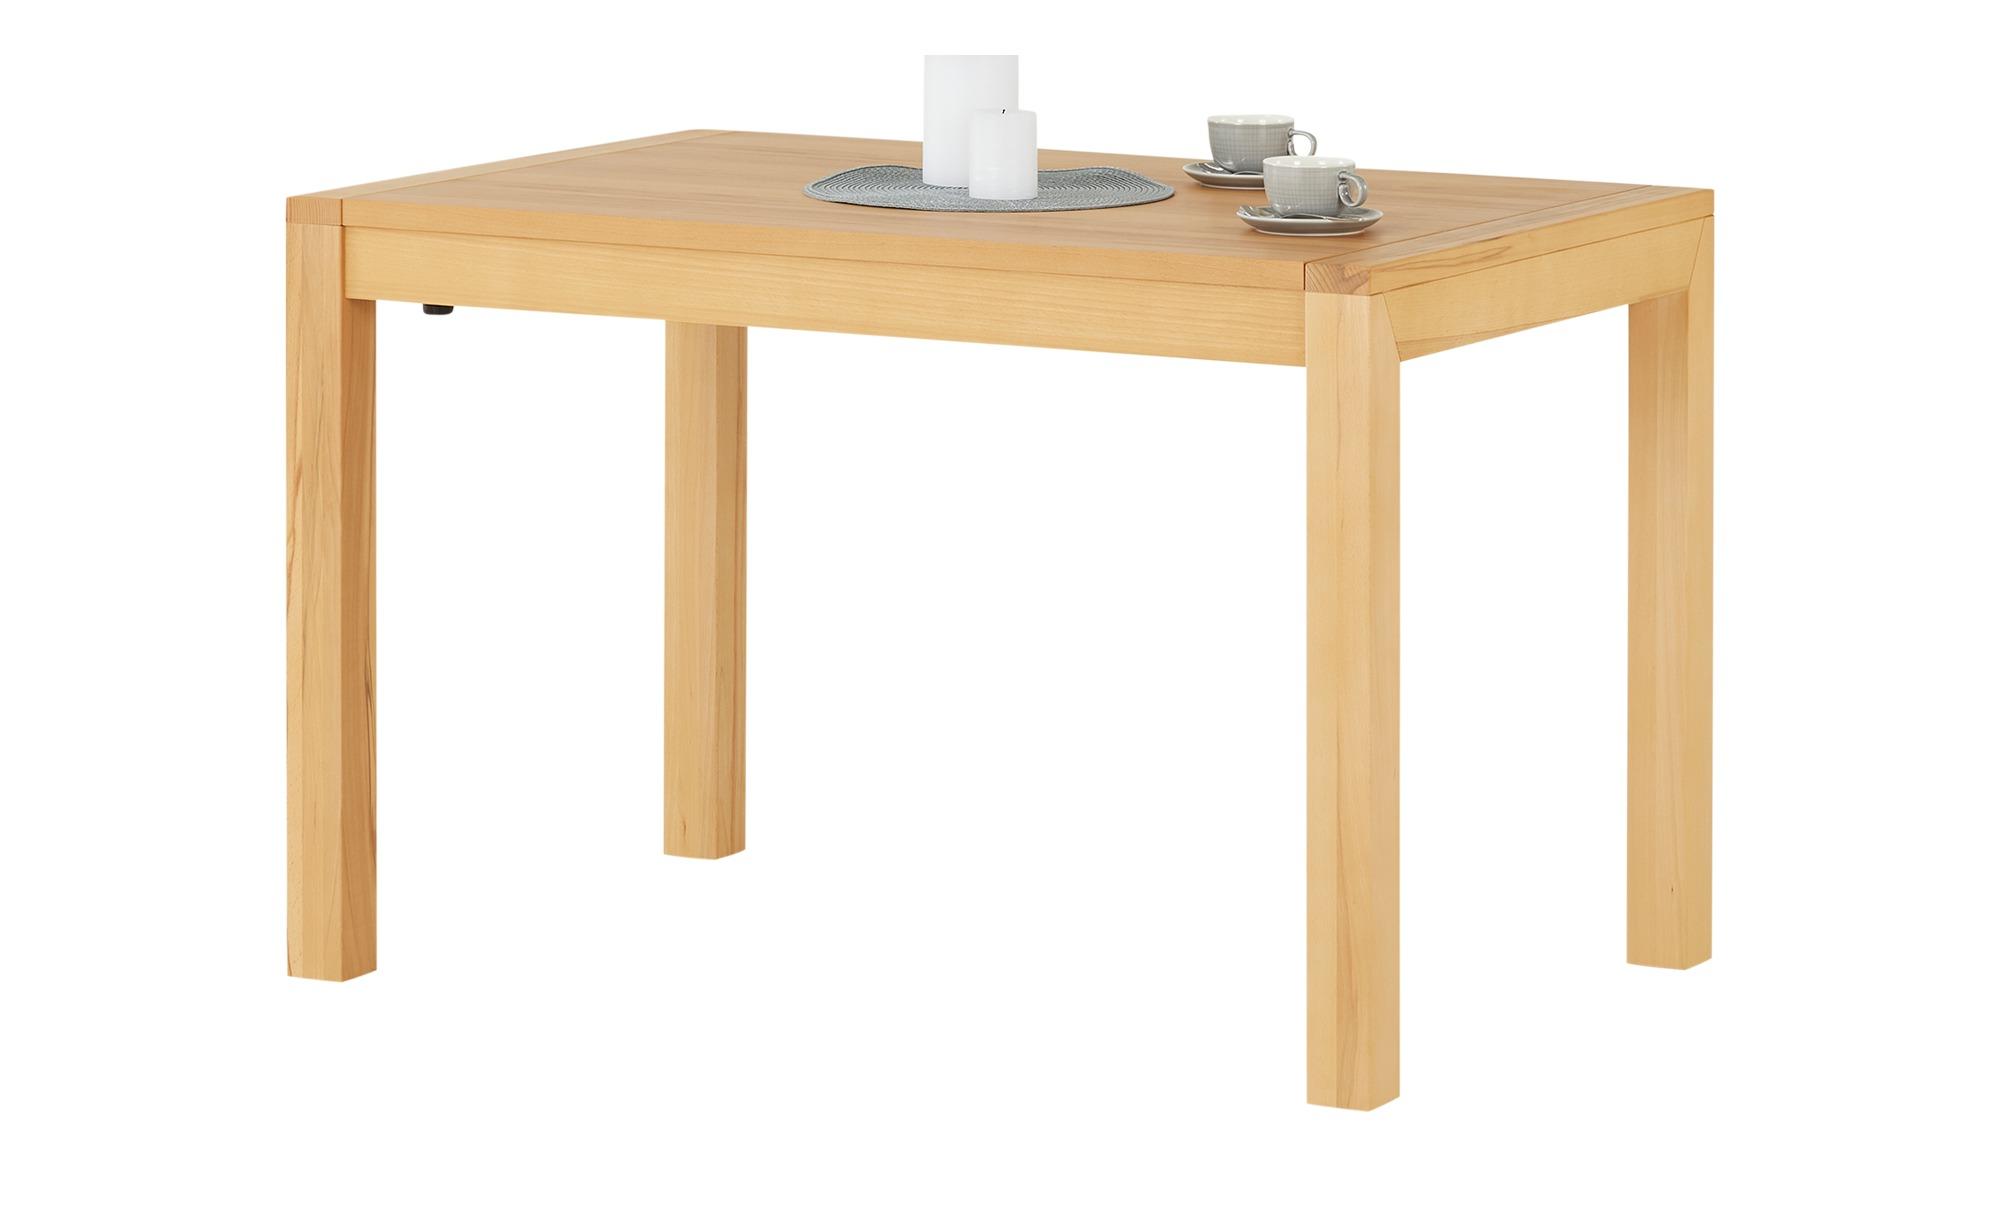 Woodford Esstisch ausziehbar  T17 ¦ holzfarben ¦ Maße (cm): B: 80 H: 76 Tische > Esstische > Esstische ausziehbar - Höffner